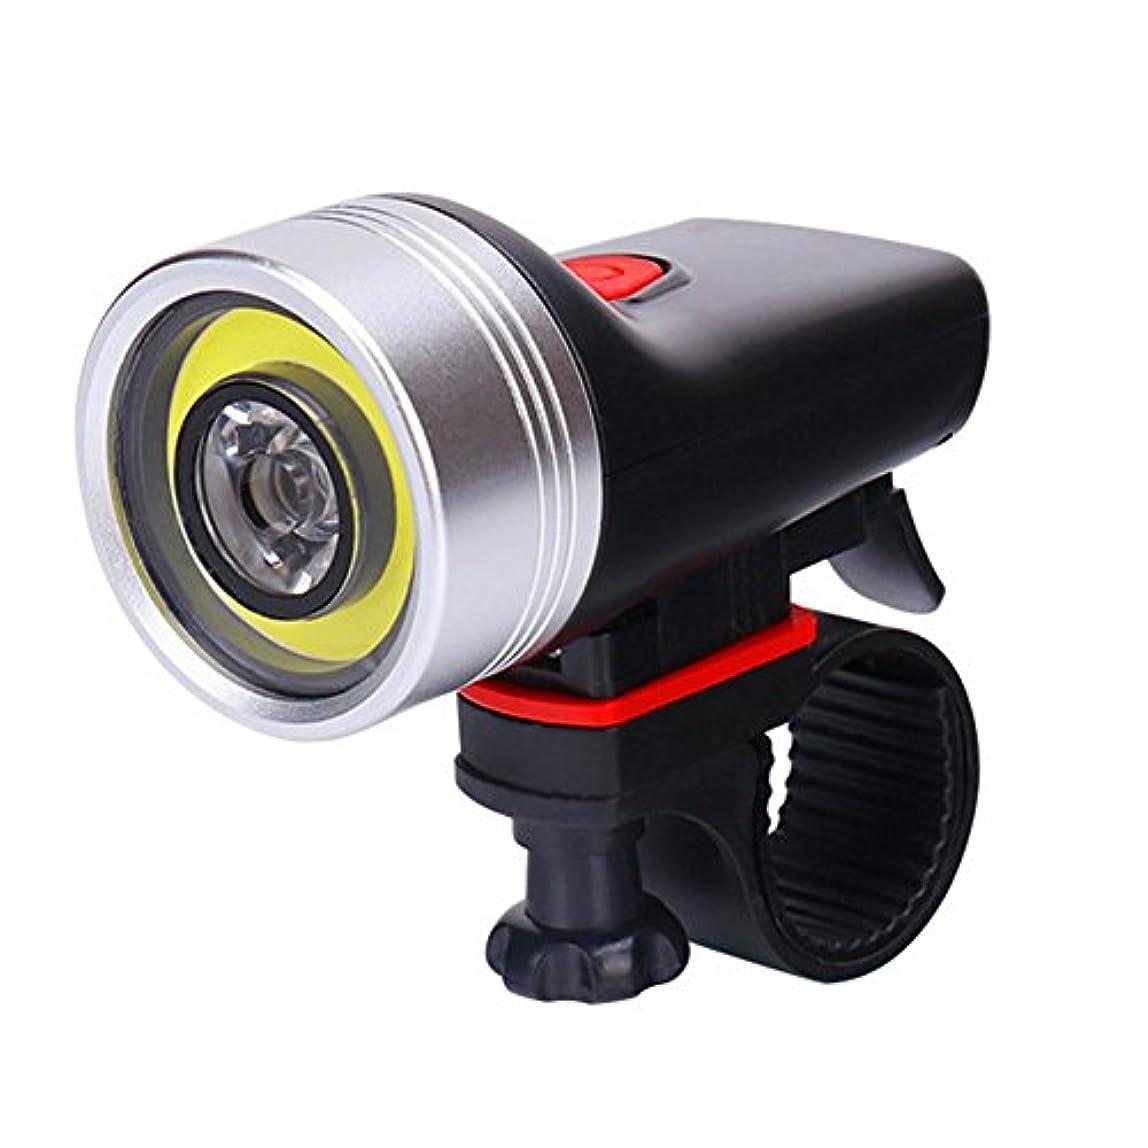 ソケット代表団創傷K-outdoor 自転車ヘッドライト usb 充電式 自転車ランプ ライディング装備 アウトドア 警告灯